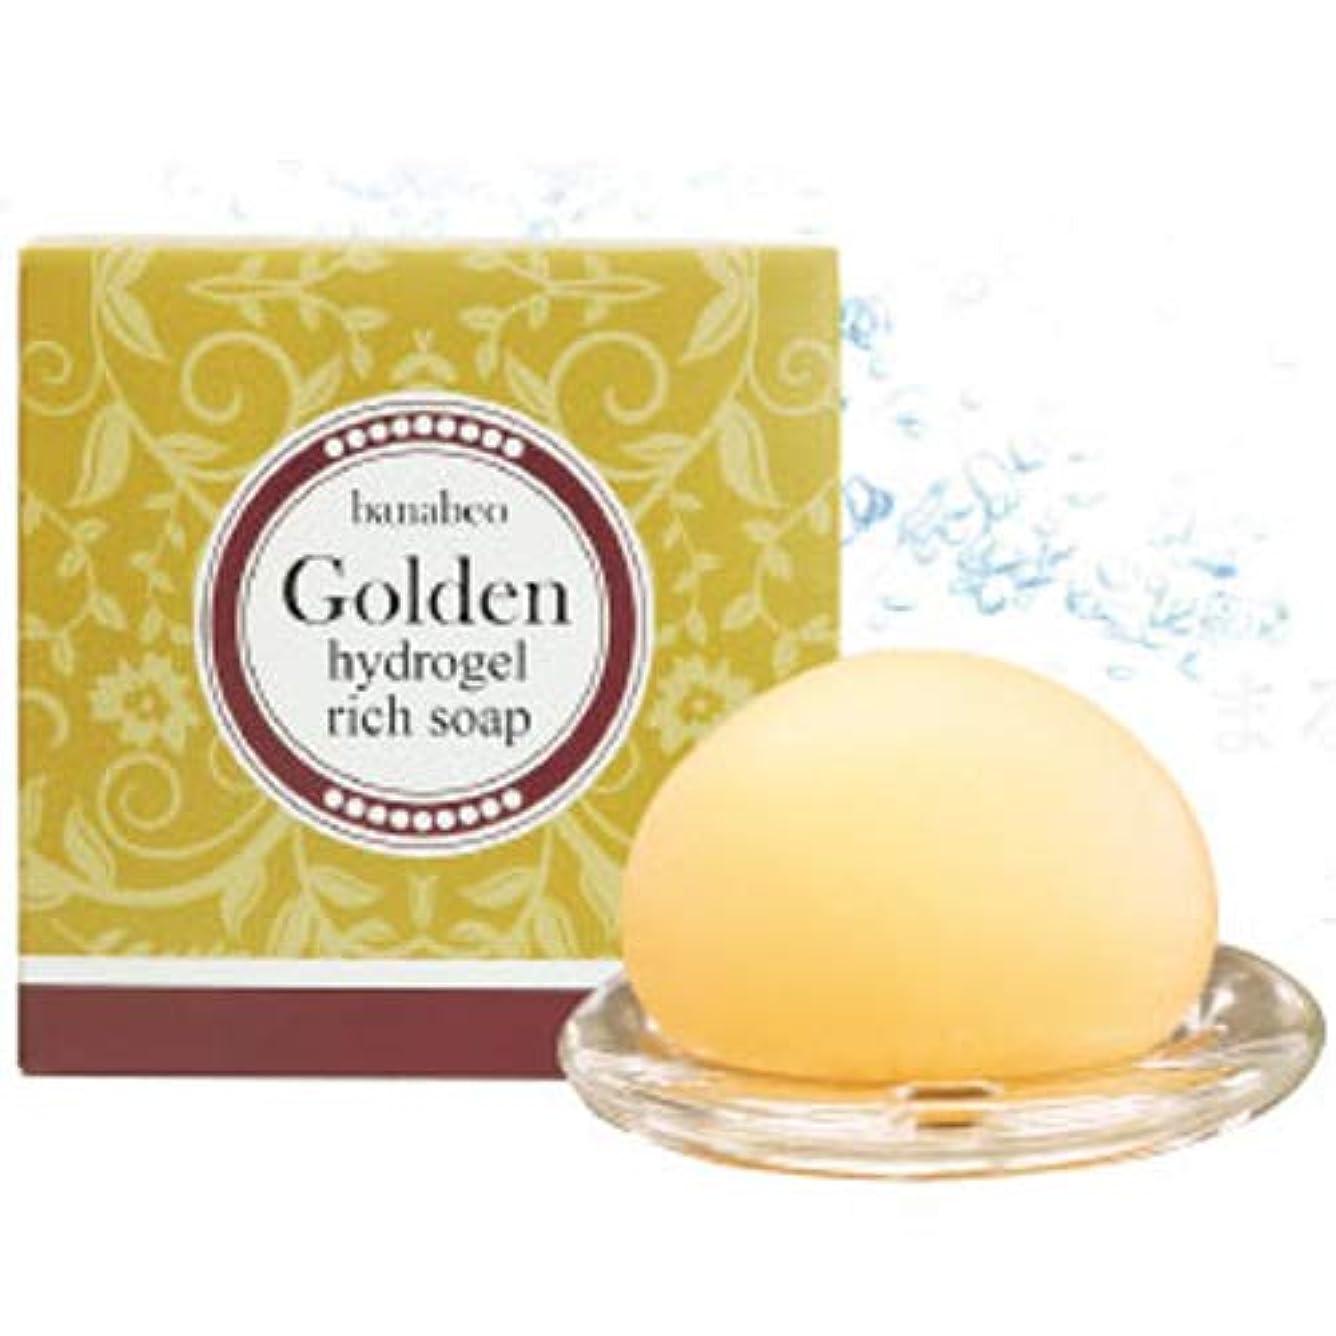 人気のむしゃむしゃ水曜日バナベオ ゴールデンハイドロリッチゲルソープ 洗顔石鹸 ゴールド